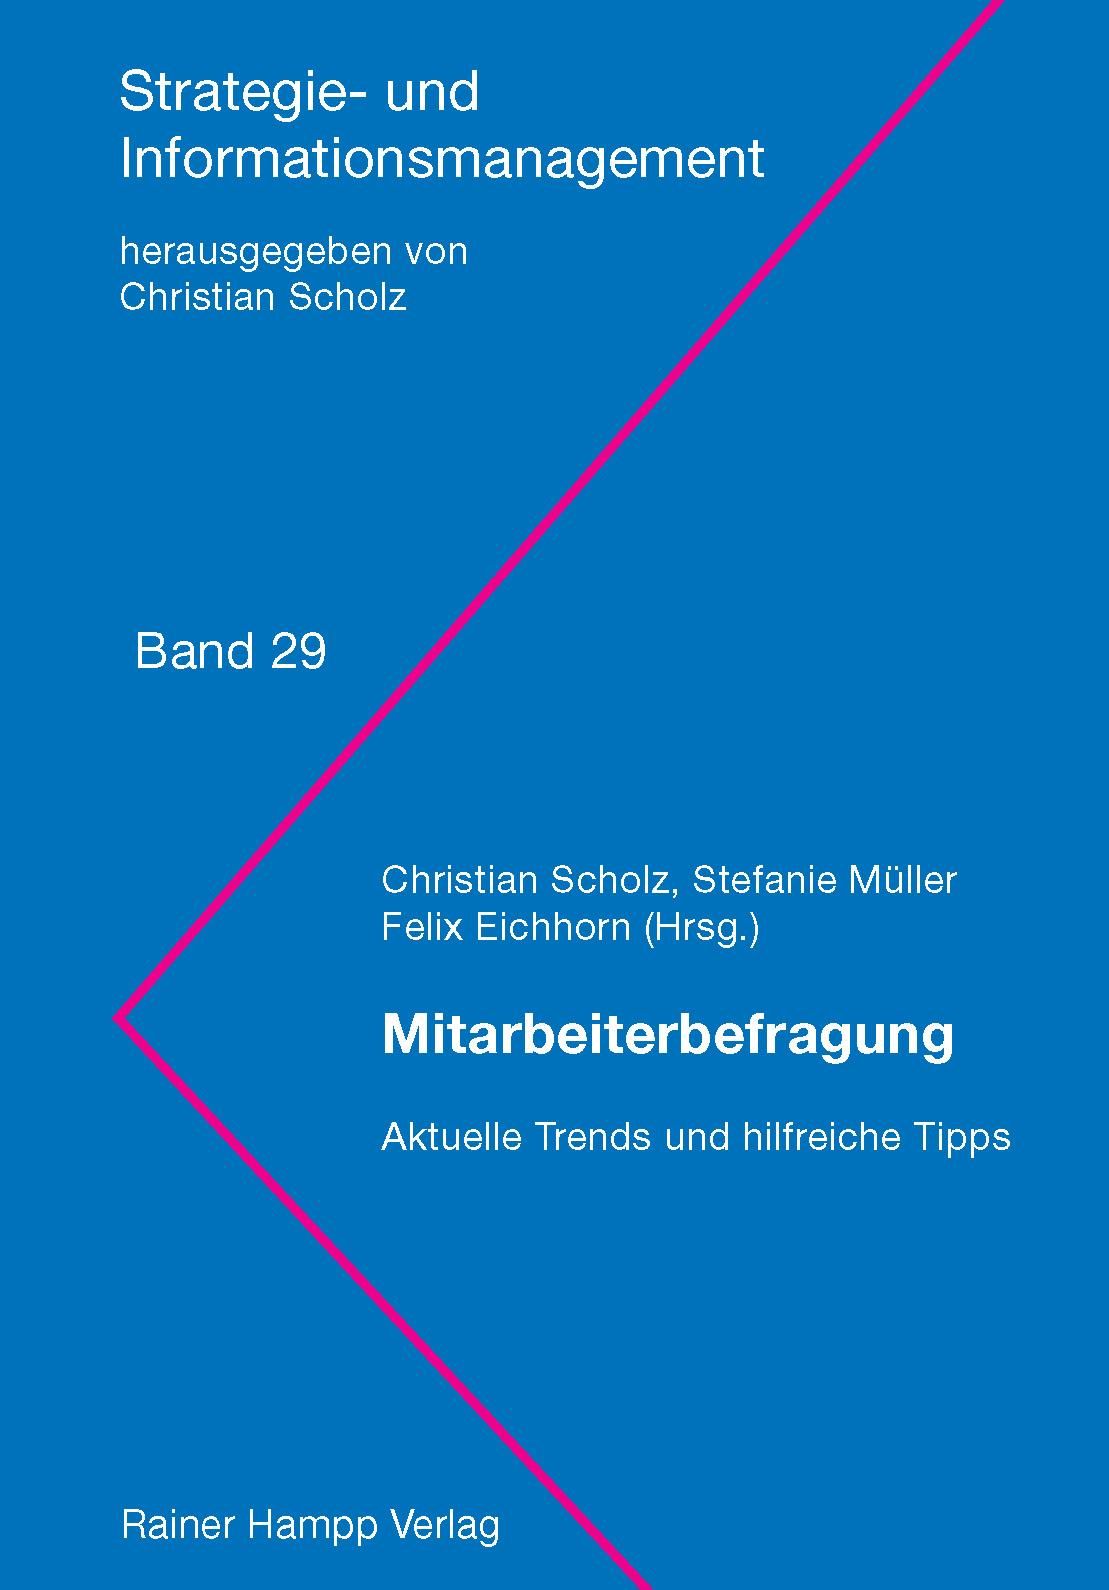 Mitarbeiterbefragung Christian Scholz